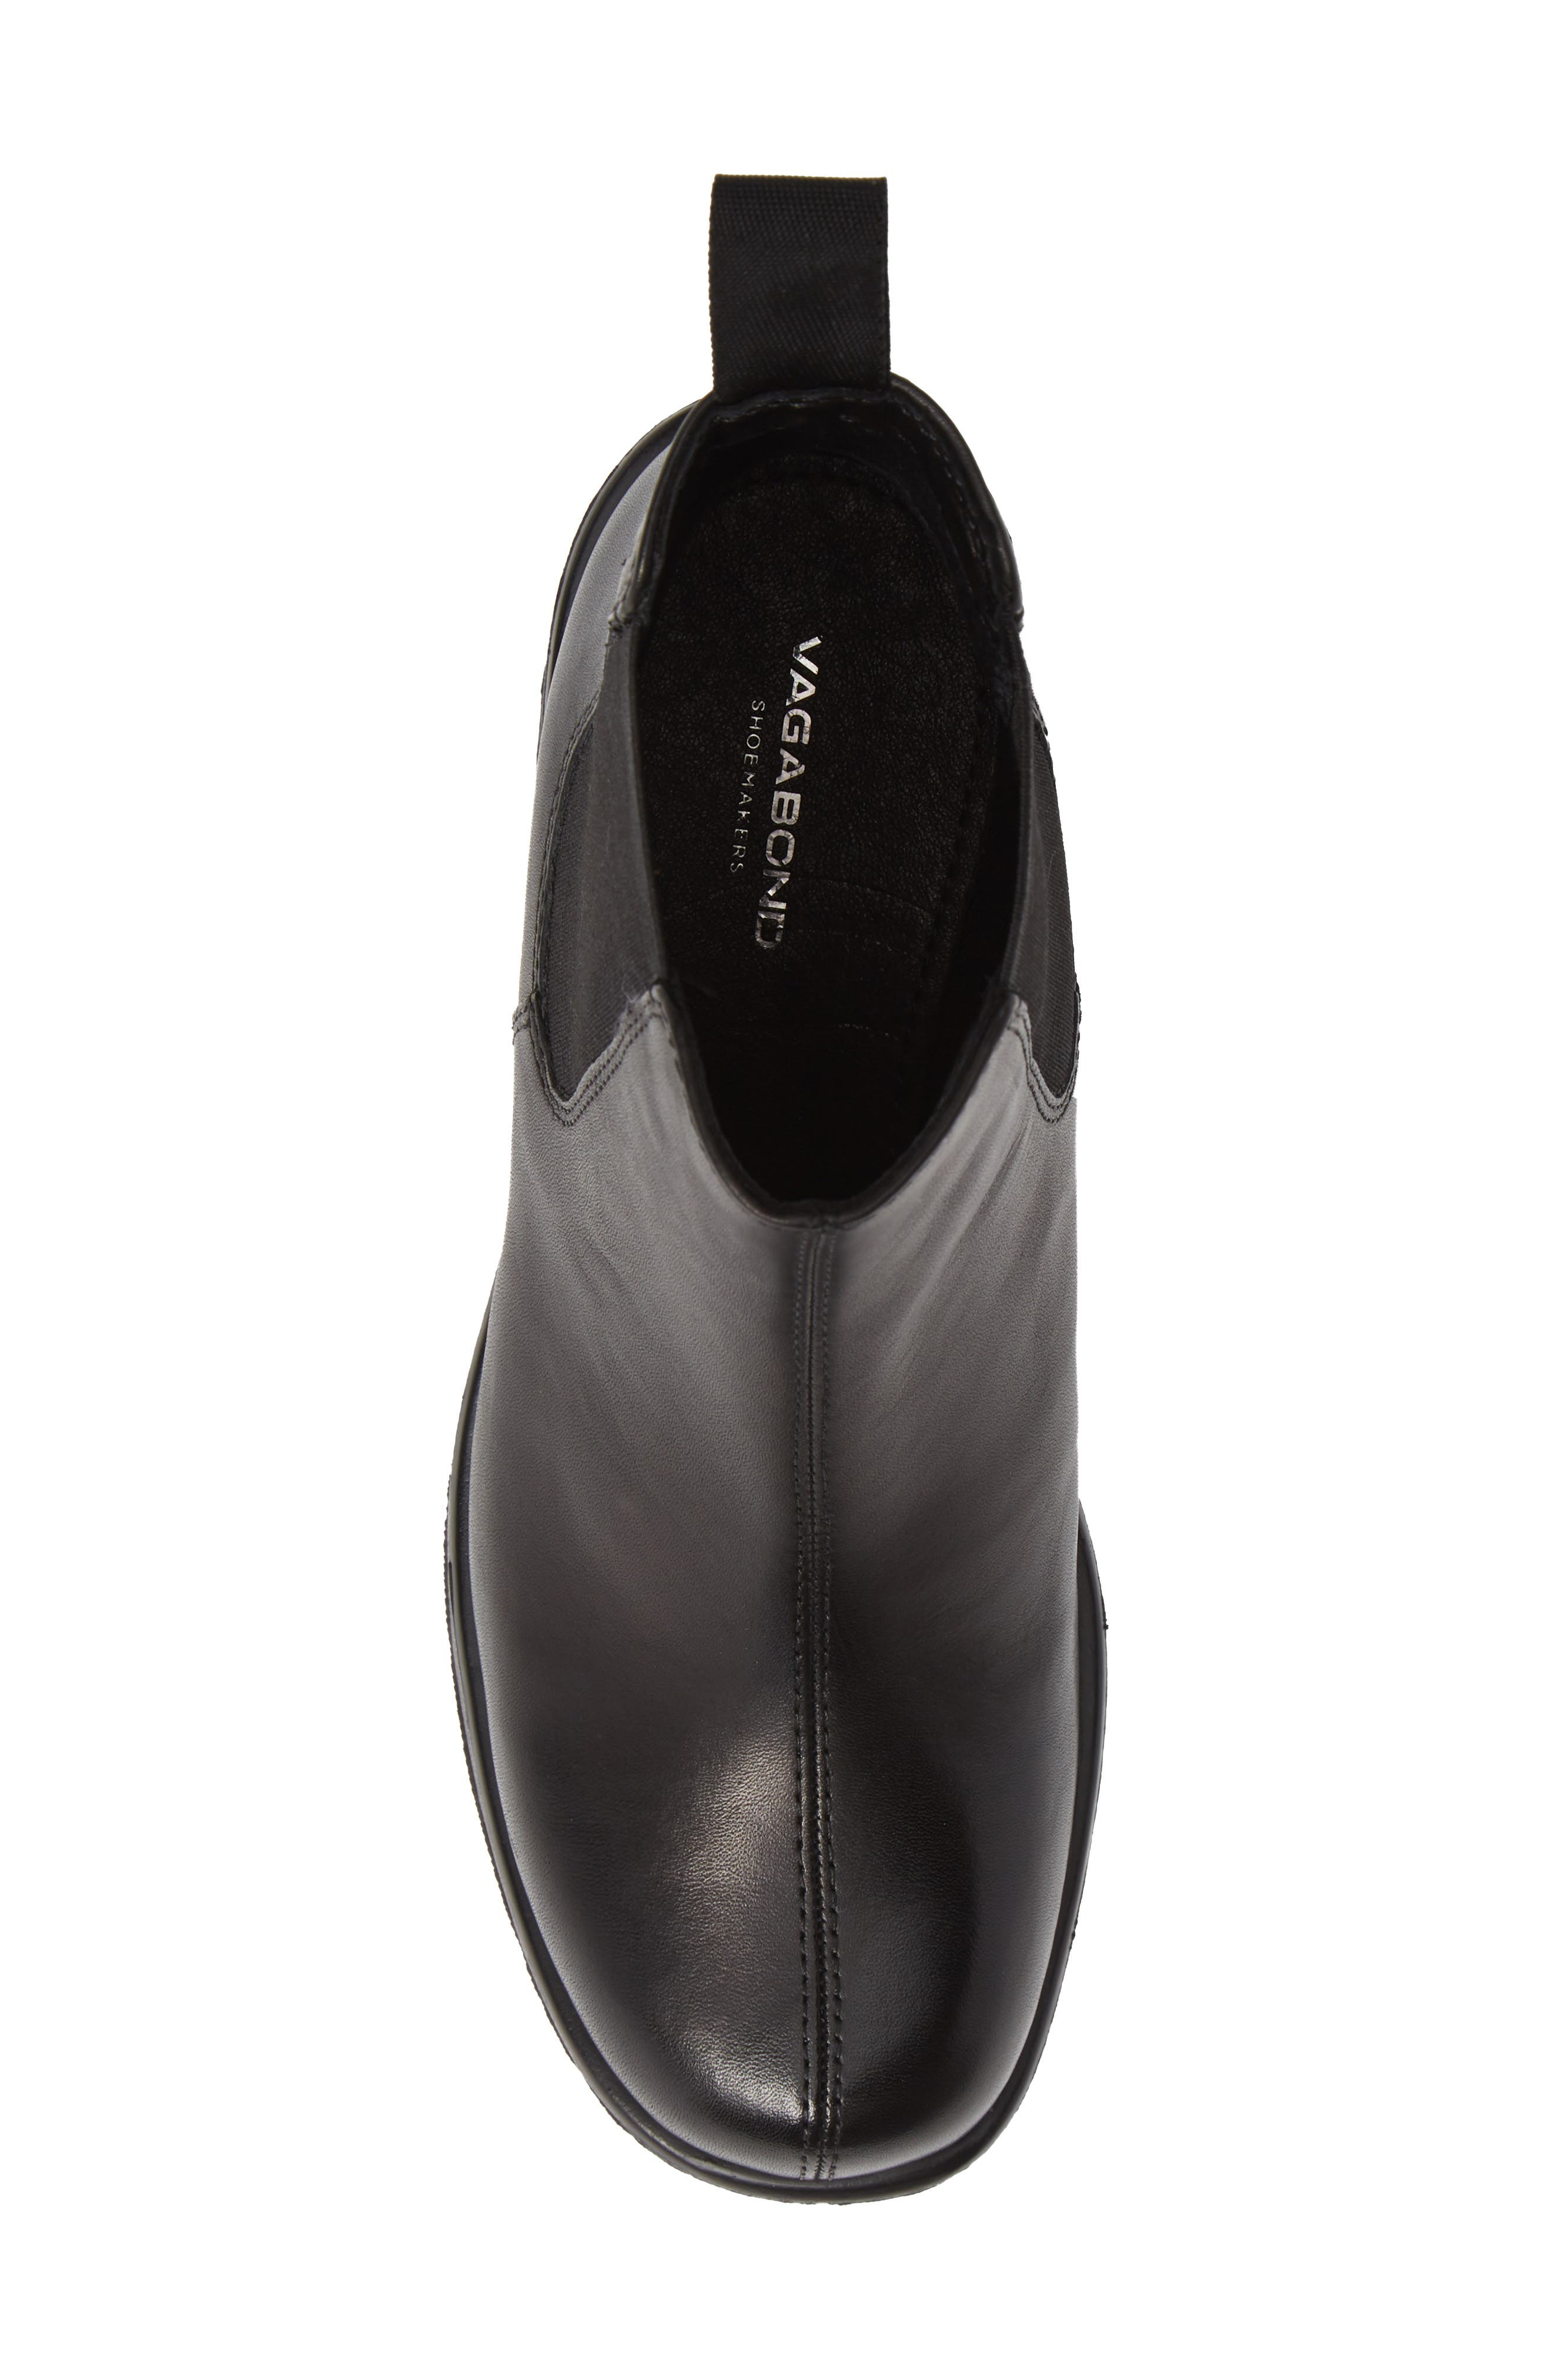 VAGABOND, Shoemakers Dioon Platform Chelsea Bootie, Alternate thumbnail 5, color, BLACK LEATHER